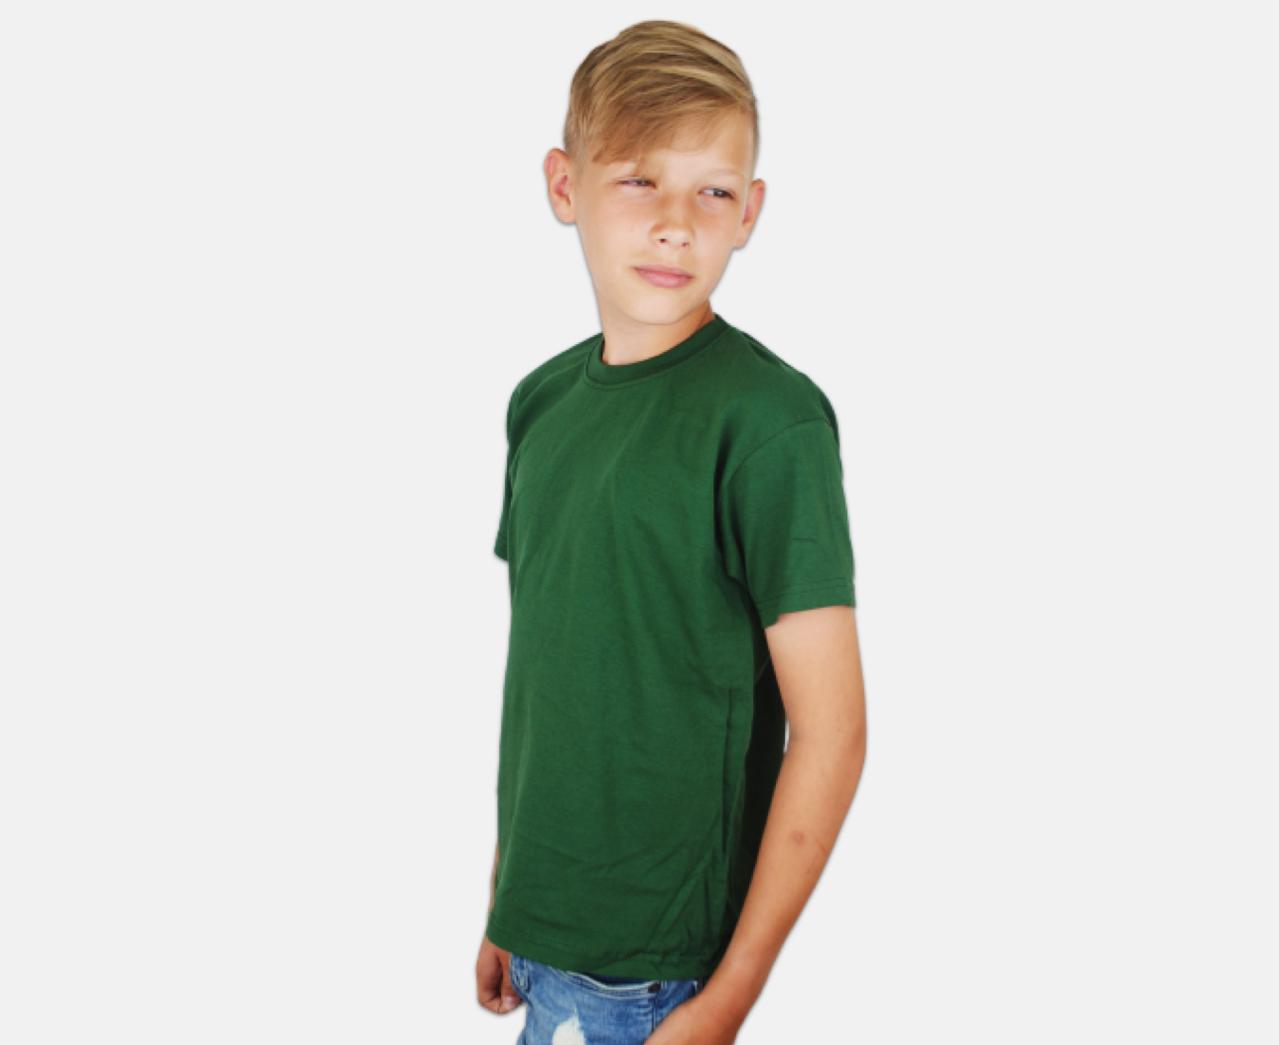 Детская Классическая Футболка для Мальчиков Тёмно-зелёная Fruit of the loom 61-033-38 12-13